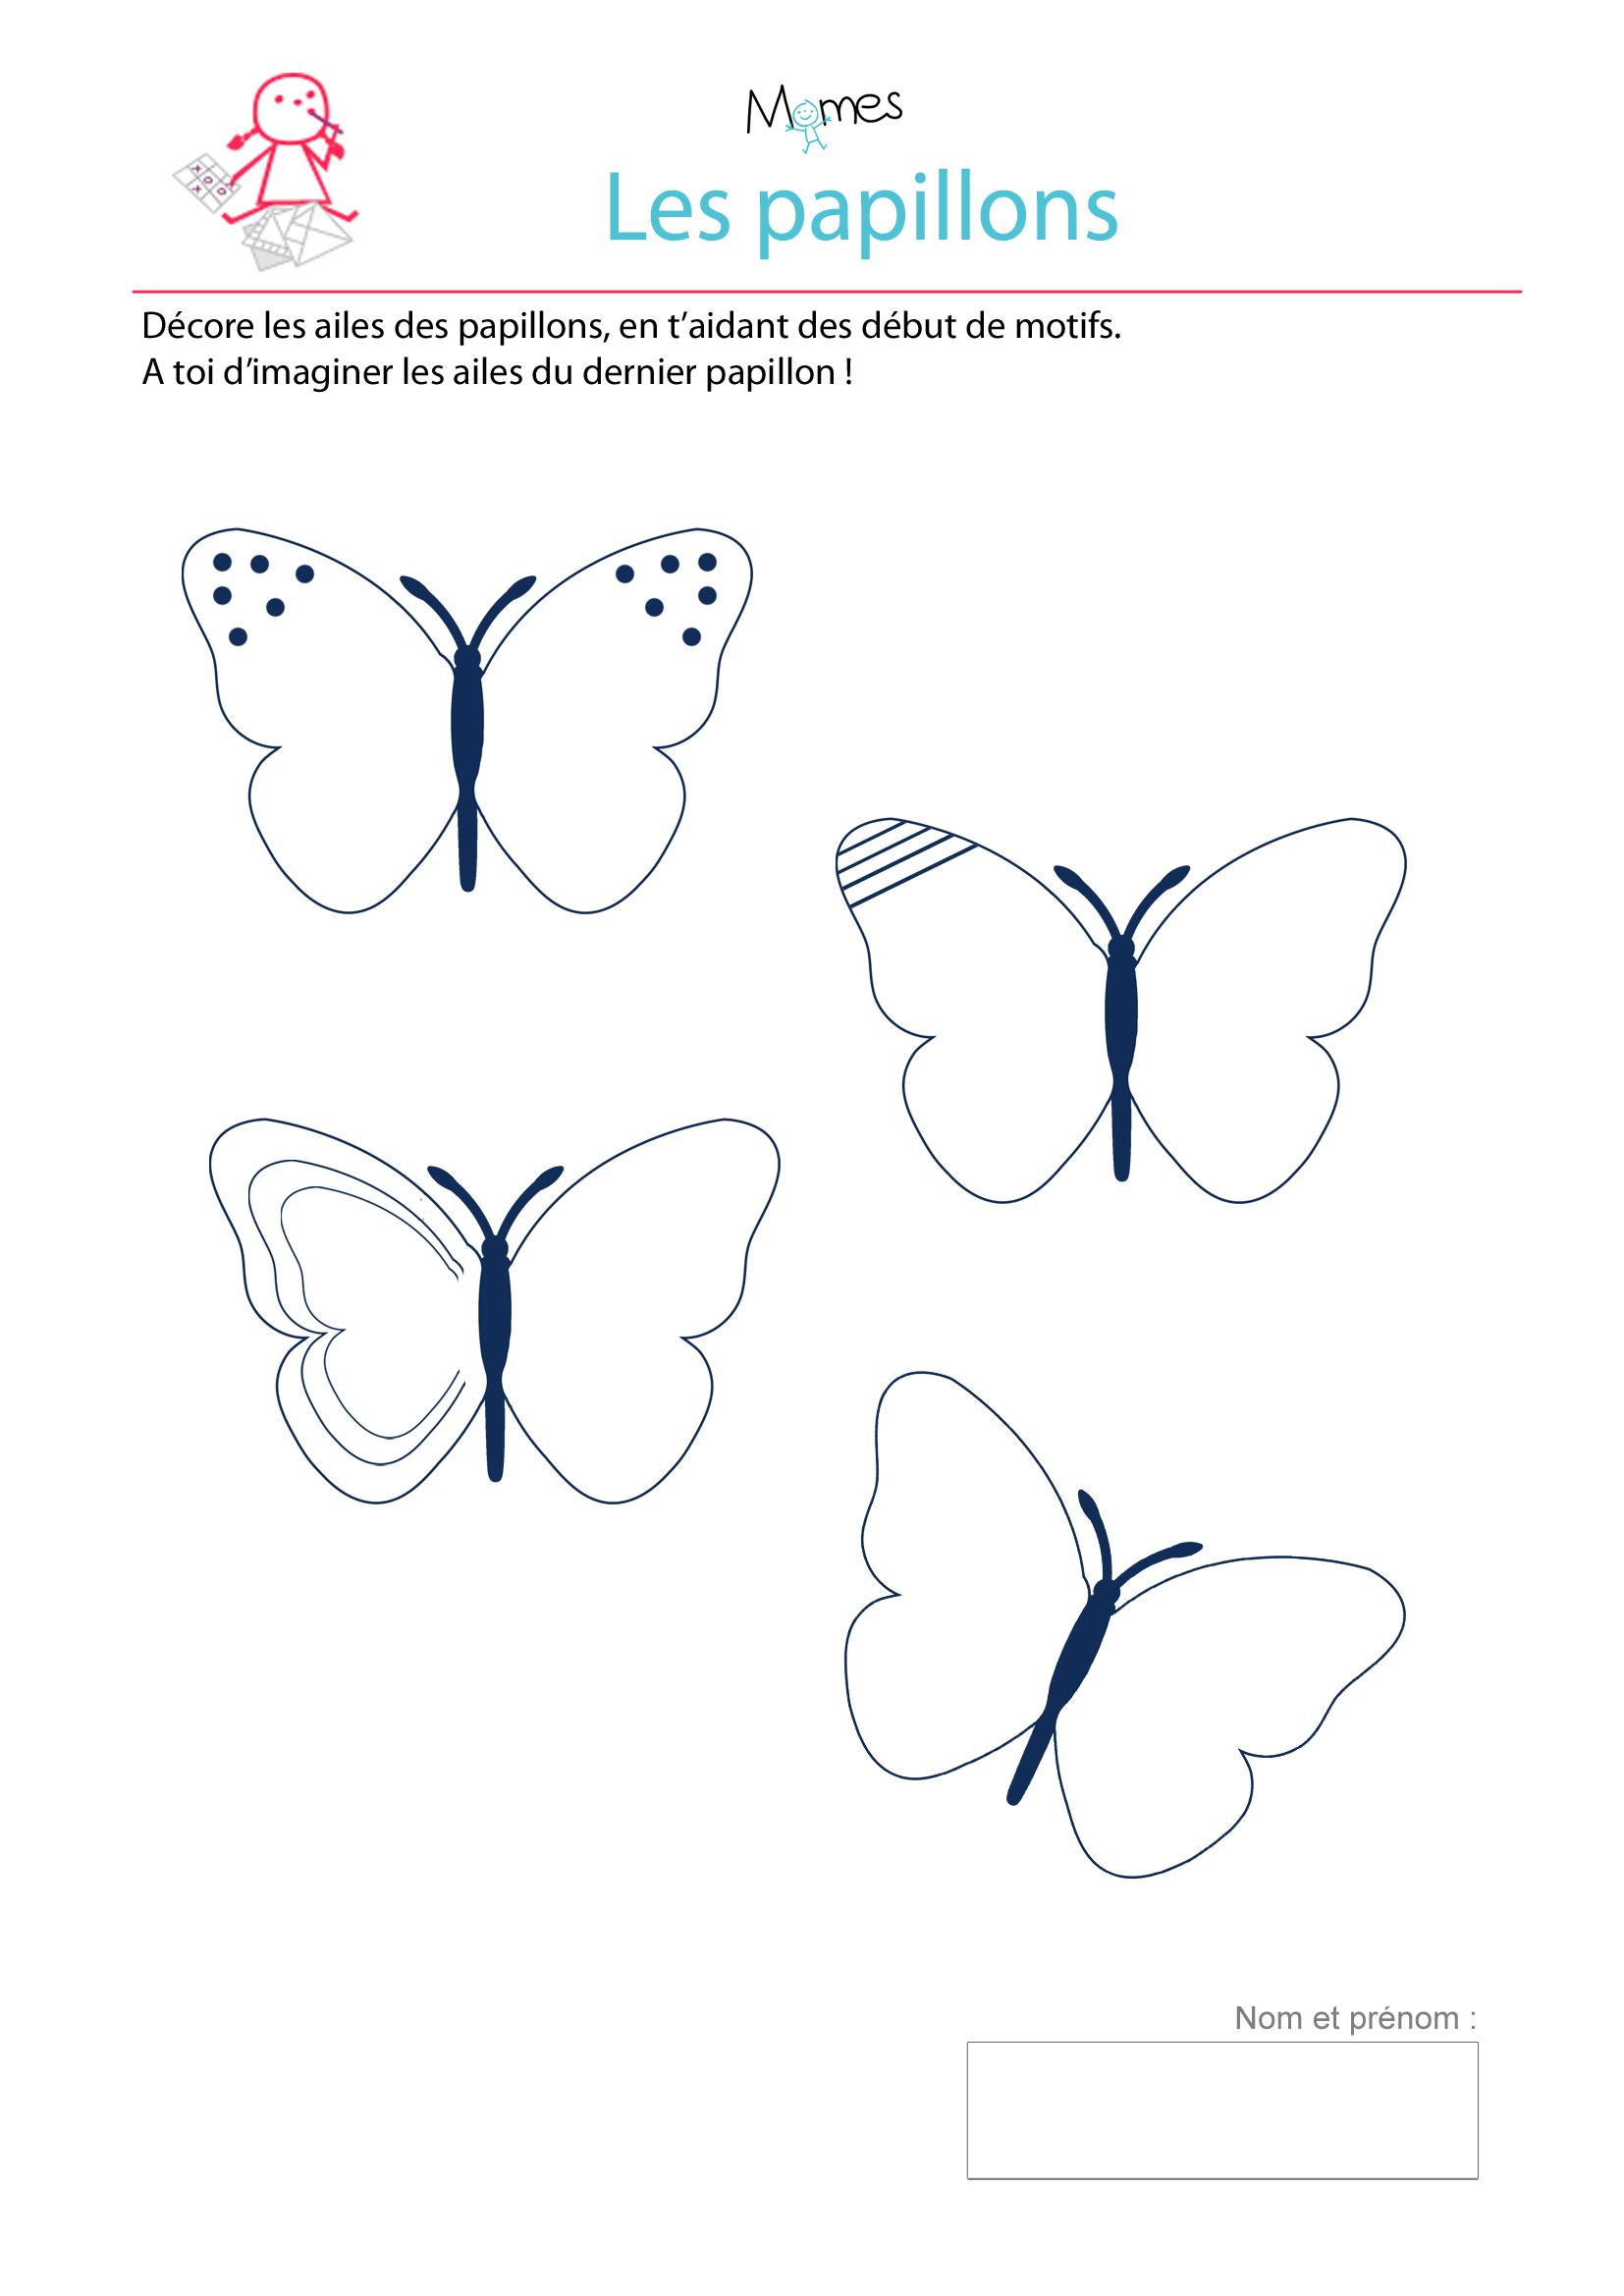 Décore Les Ailes Des Papillons - Exercice À Imprimer - Momes tout Graphisme Maternelle A Imprimer Gratuit